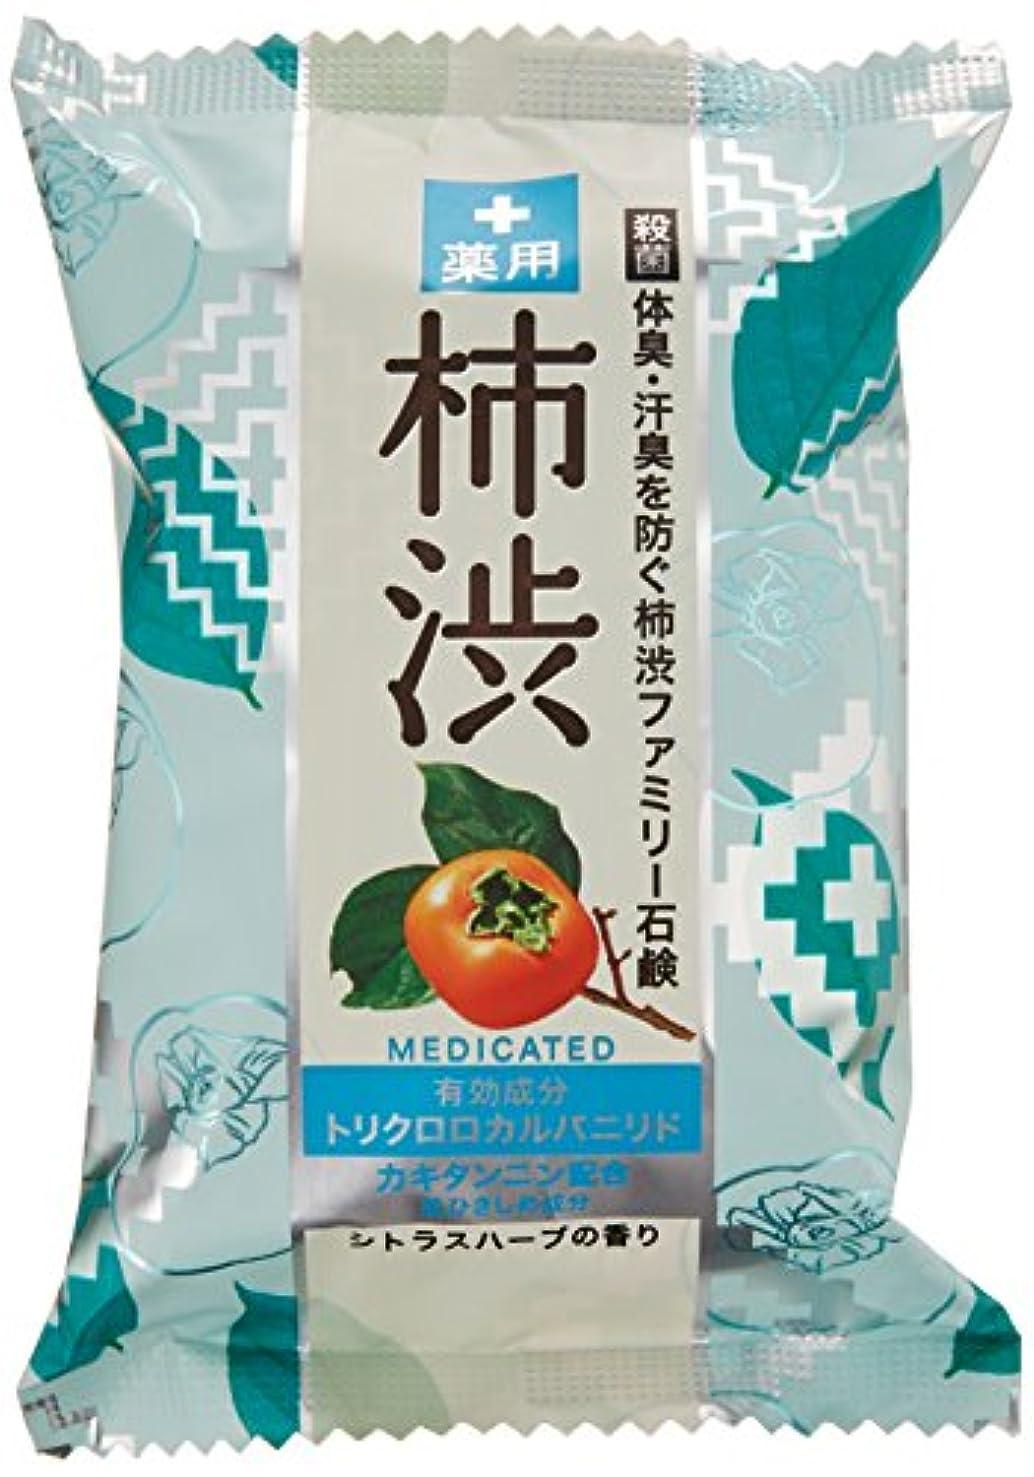 かご一貫した継続中ペリカン石鹸 薬用ファミリー 柿渋石けん 80g×2個